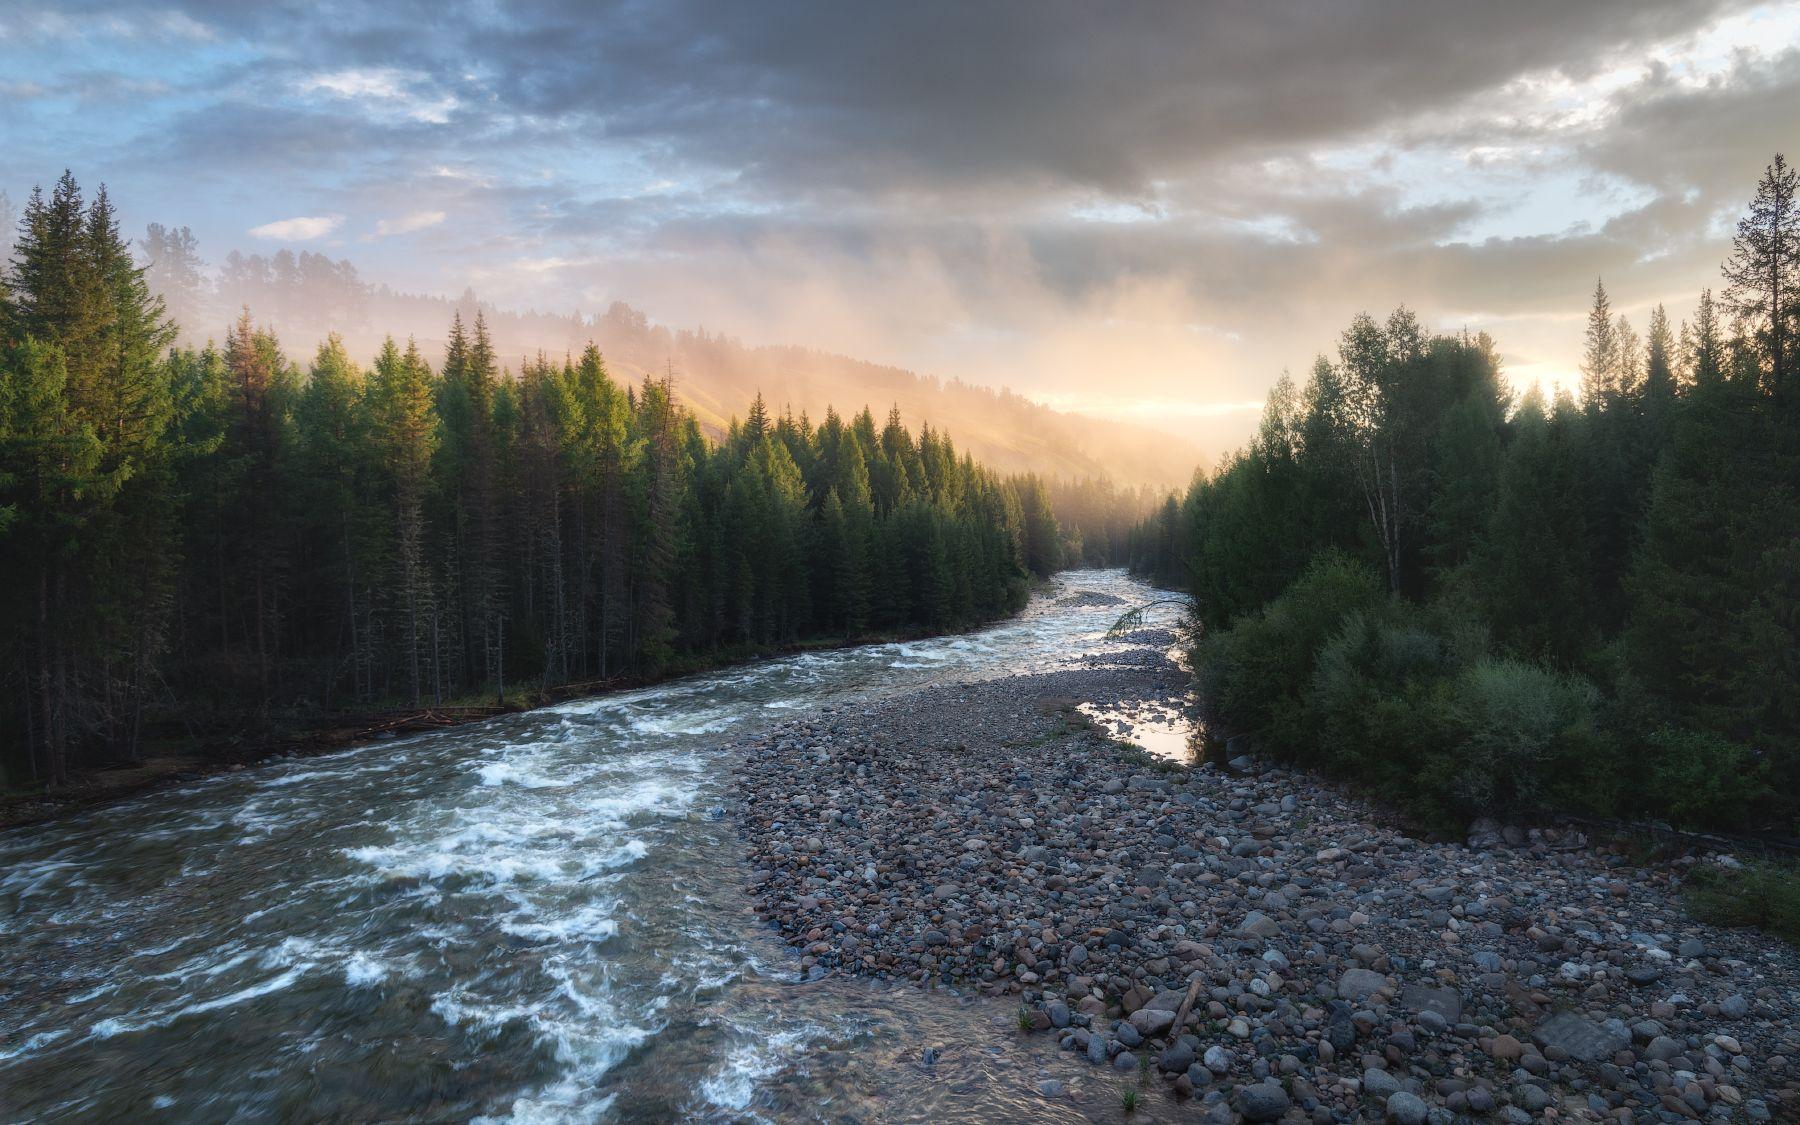 Золото над рекой алтай горный горы горная река кубадру долина утренний туман золотой час тайга таежный лес улаганский район